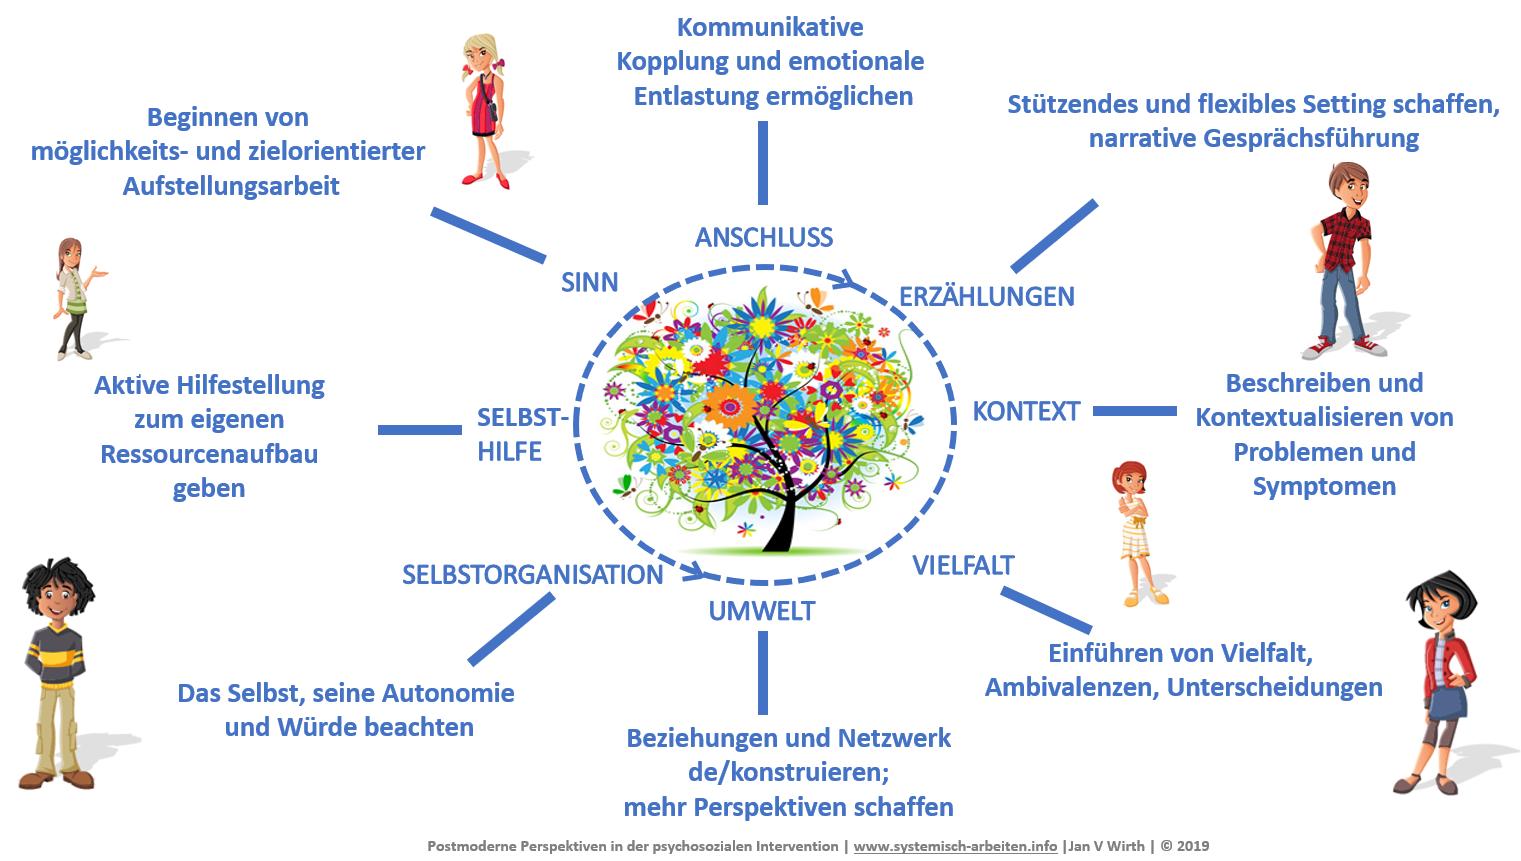 Postmoderne Perspektiven in der psychosozialen Beratung, Gesprächsführung und Therapie